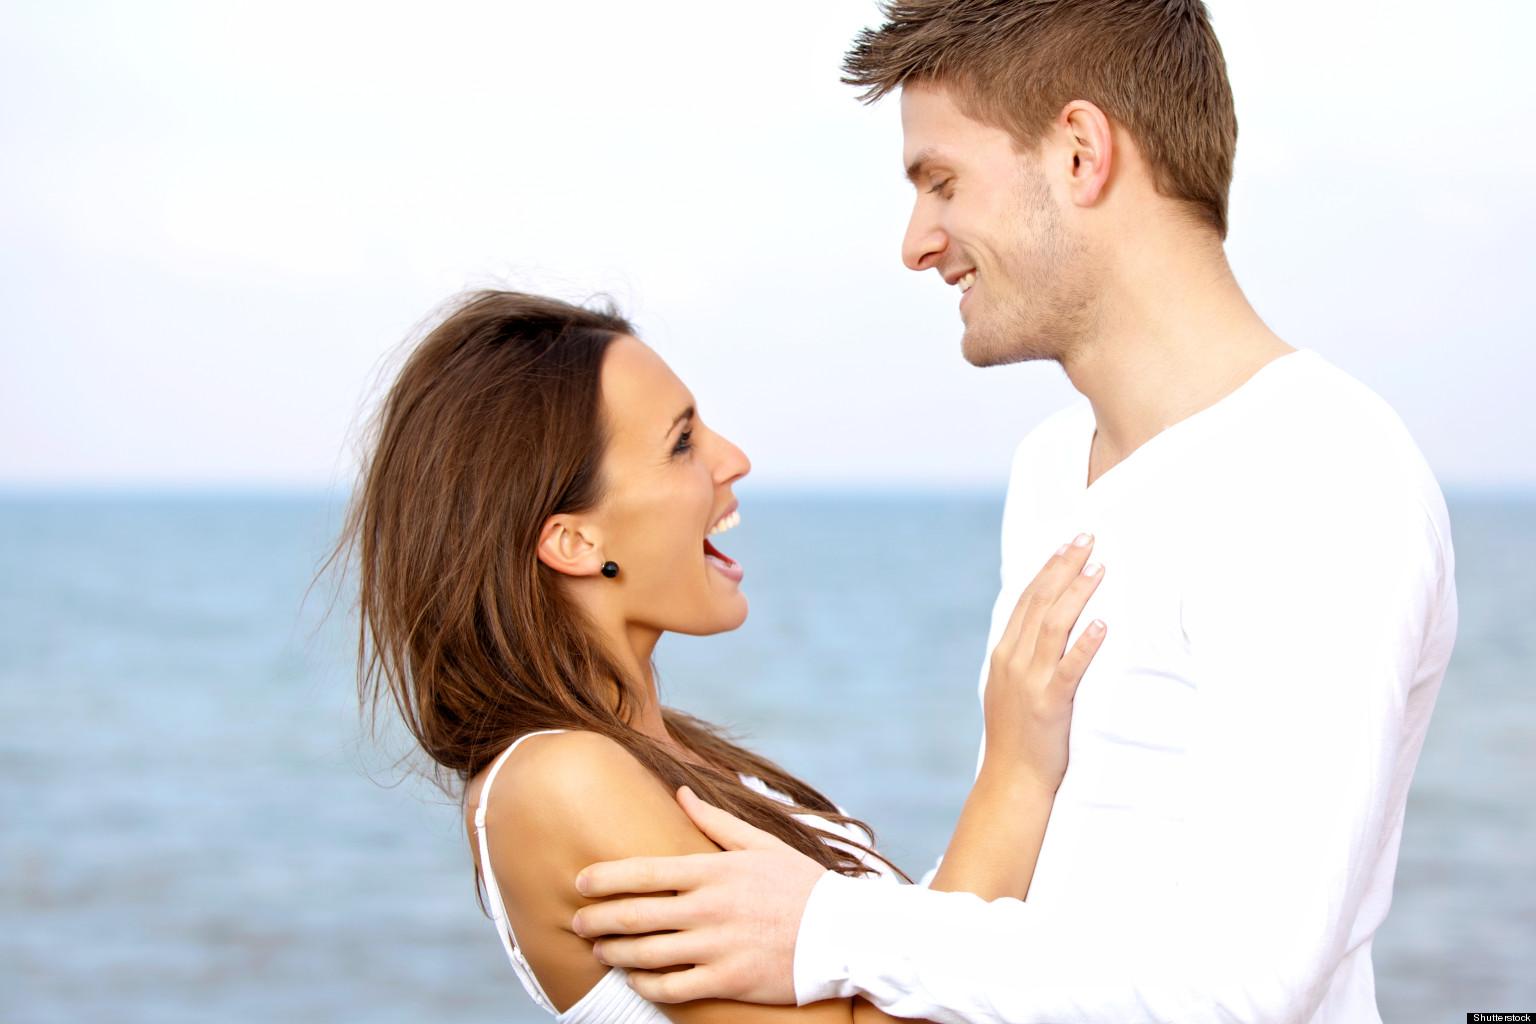 Aborder et séduire une femme : les astuces